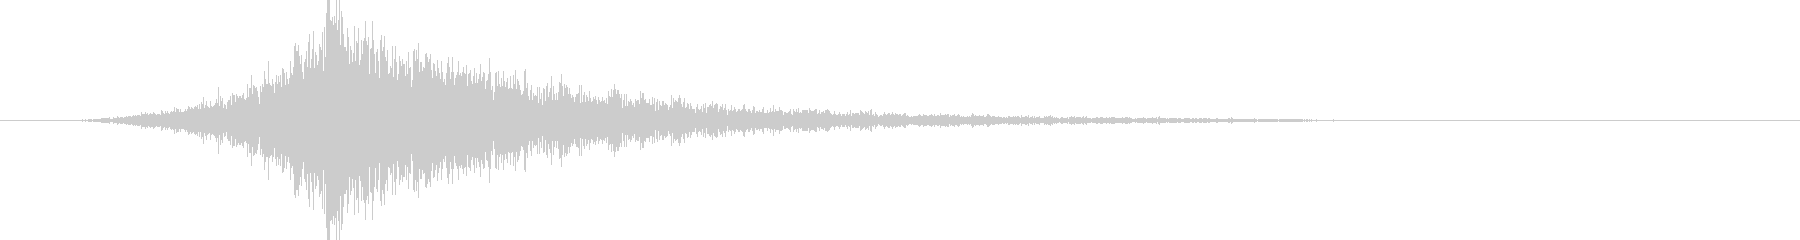 映画告知音46 ドーンの未再生の波形